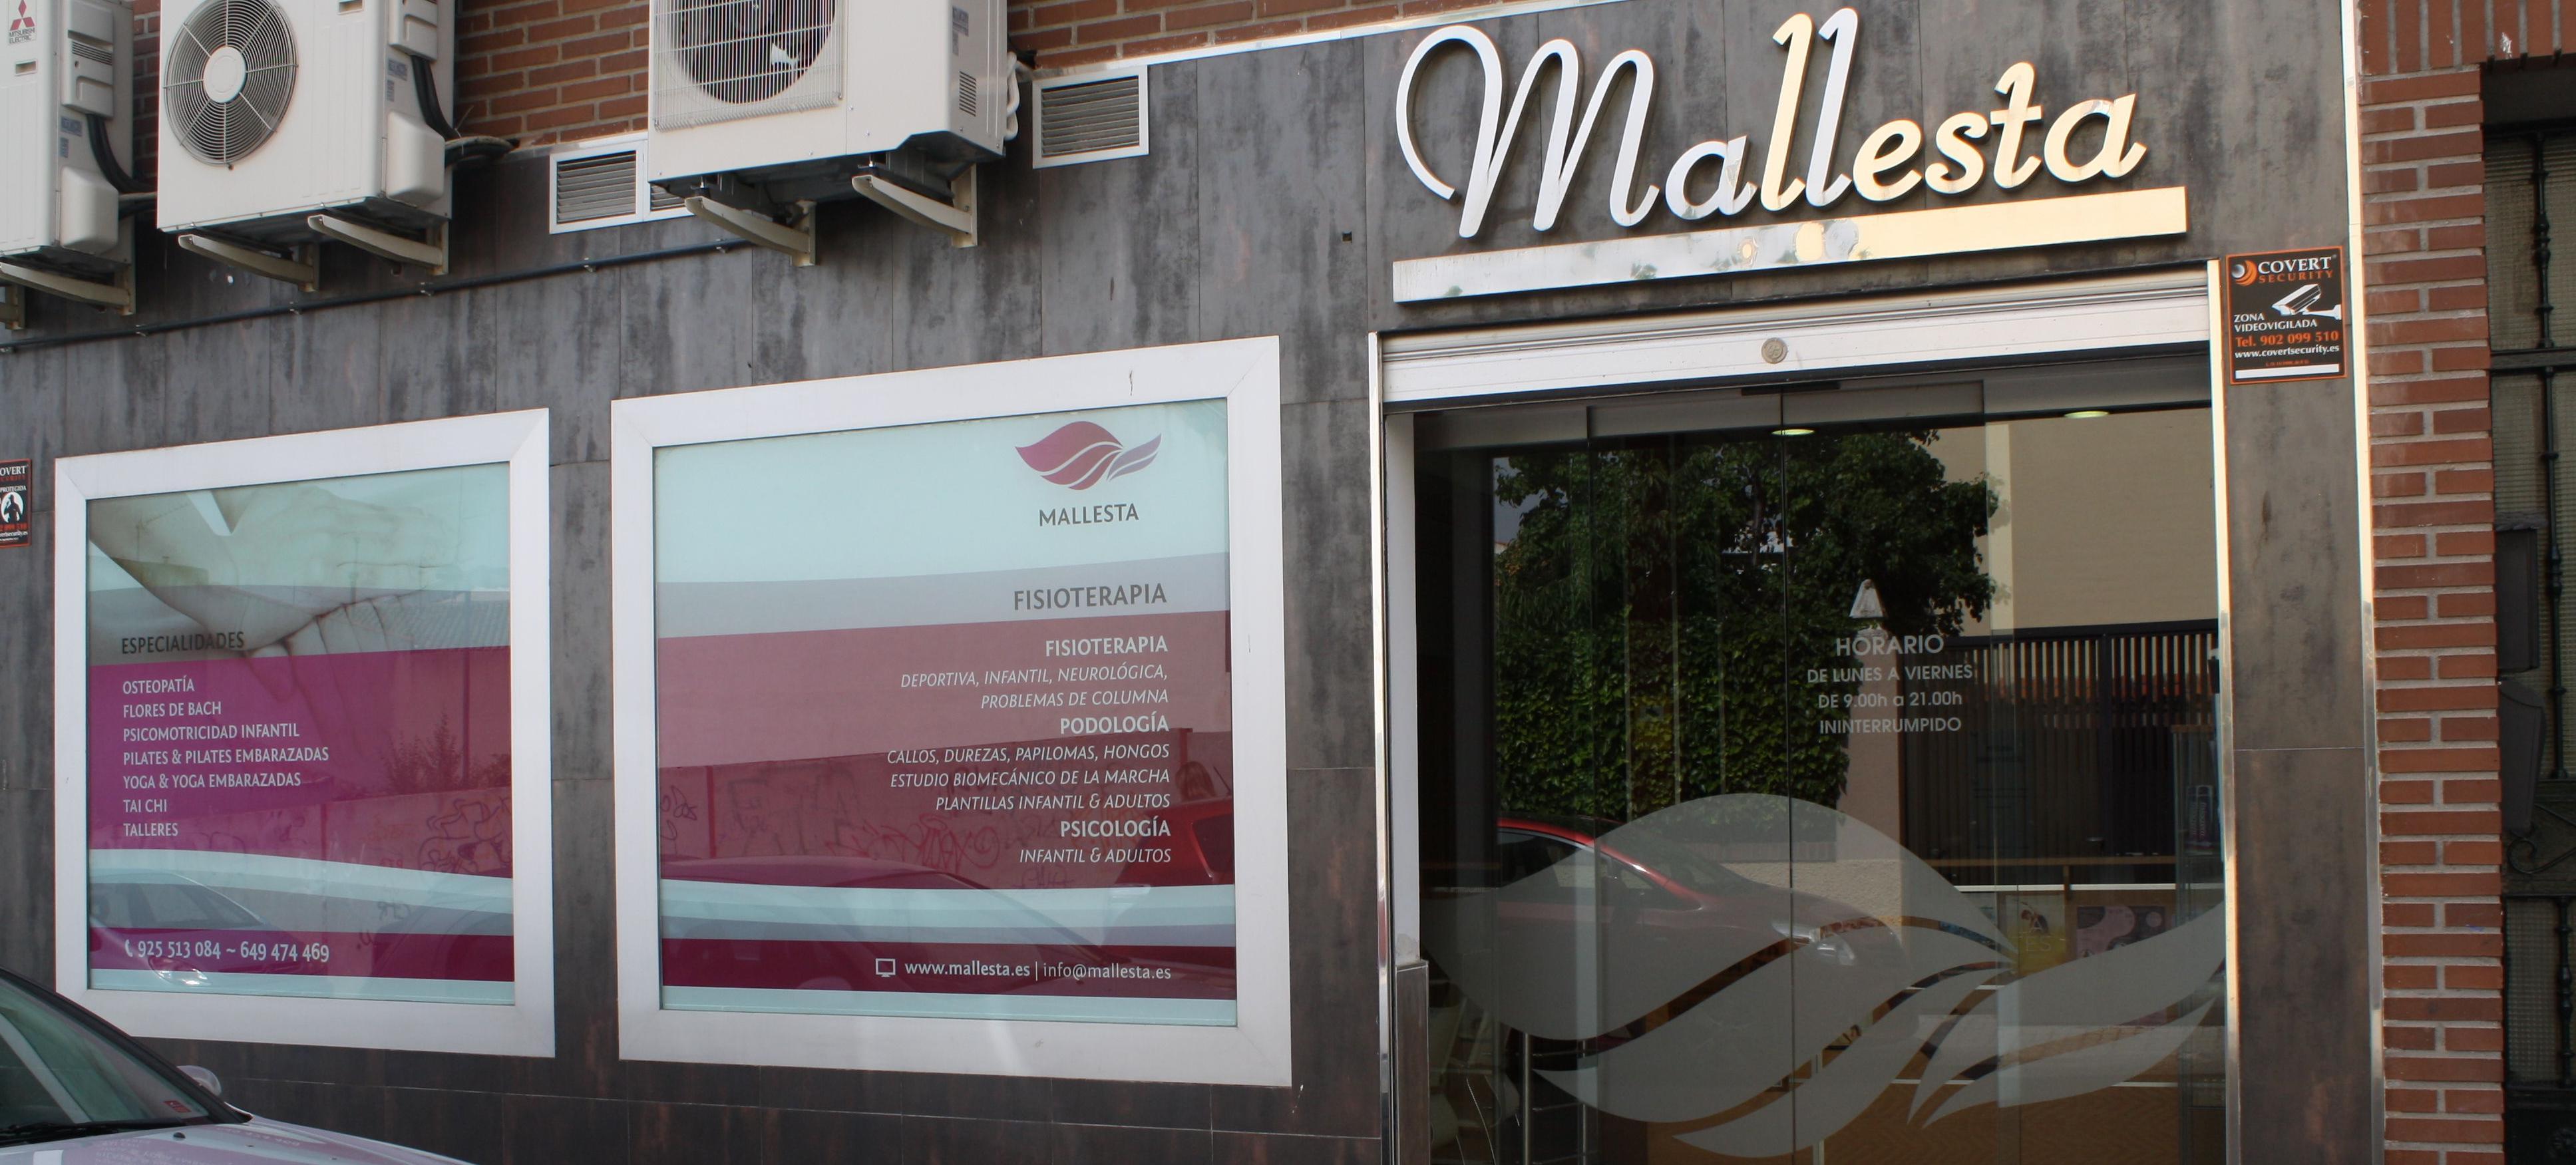 Foto 2 de Fisioterapia en Illescas | Mallesta Centro de Especialidades